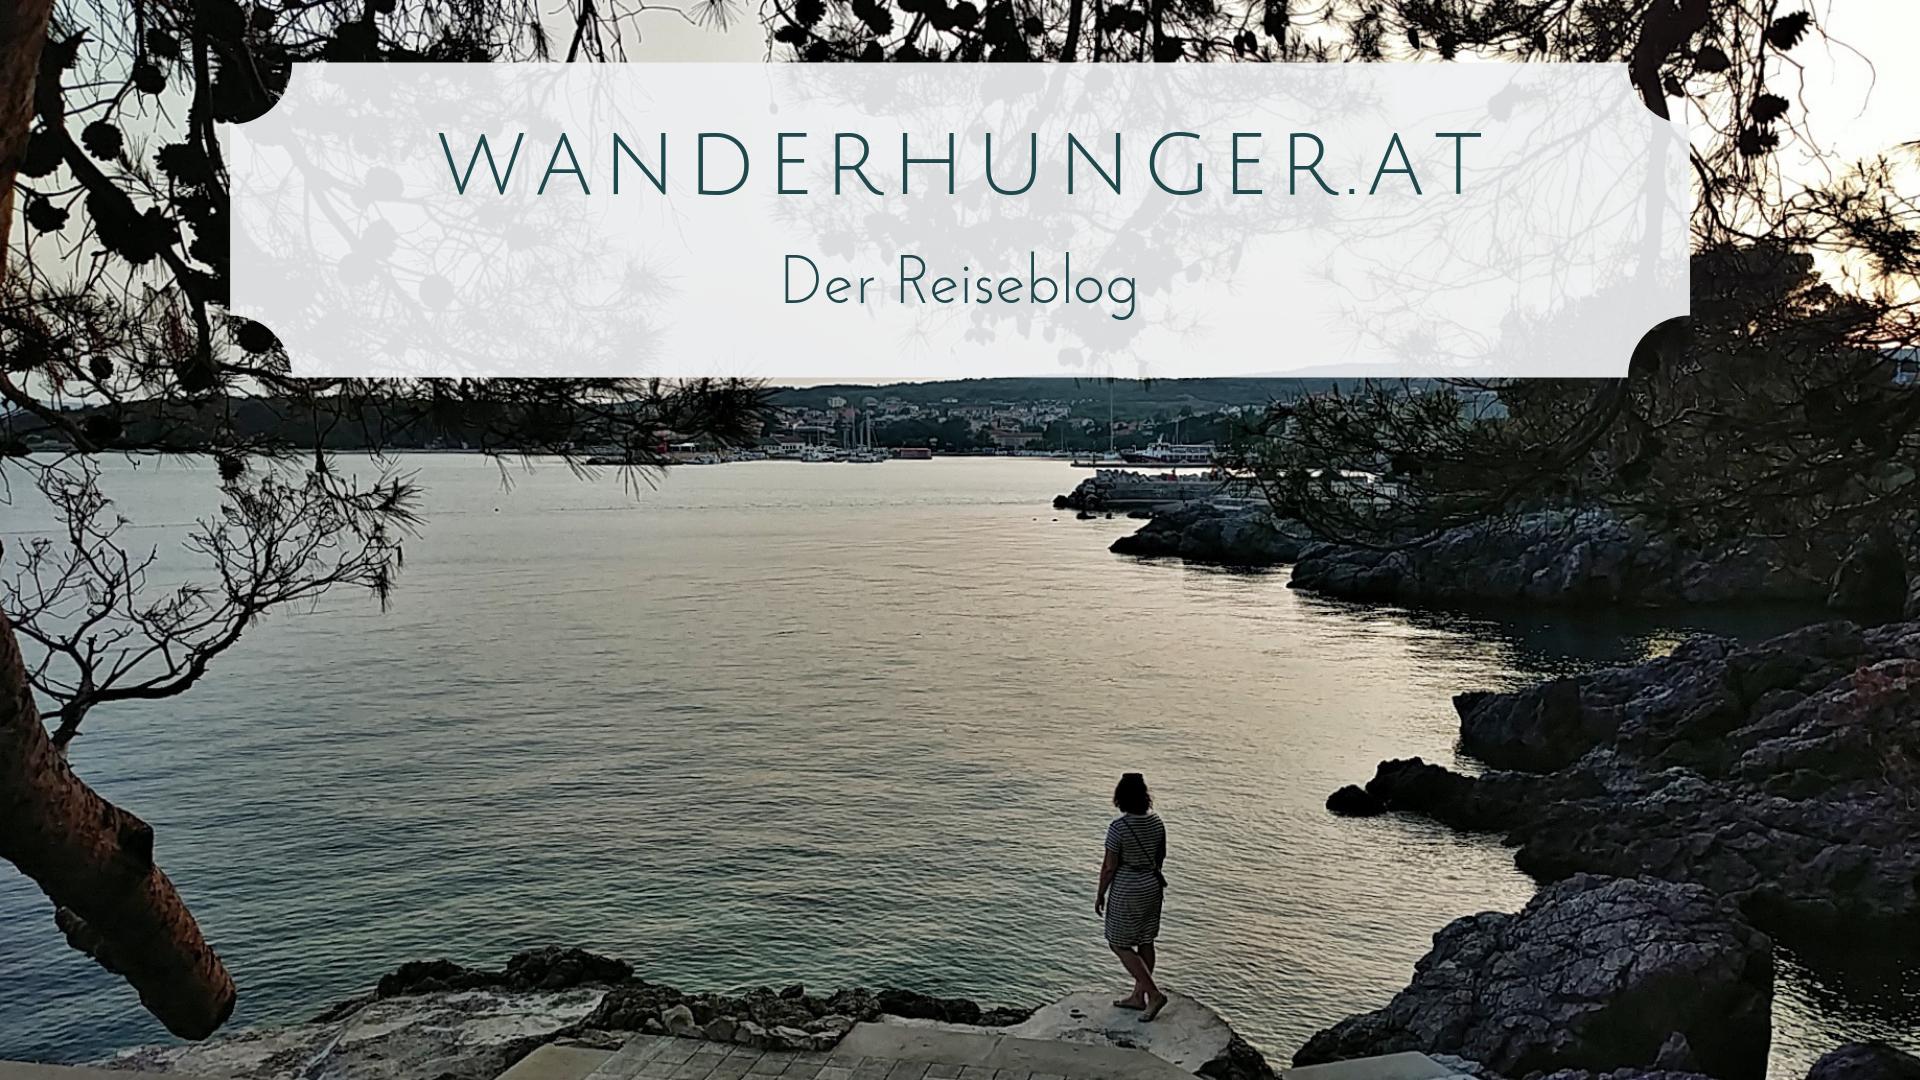 wanderhunger-at